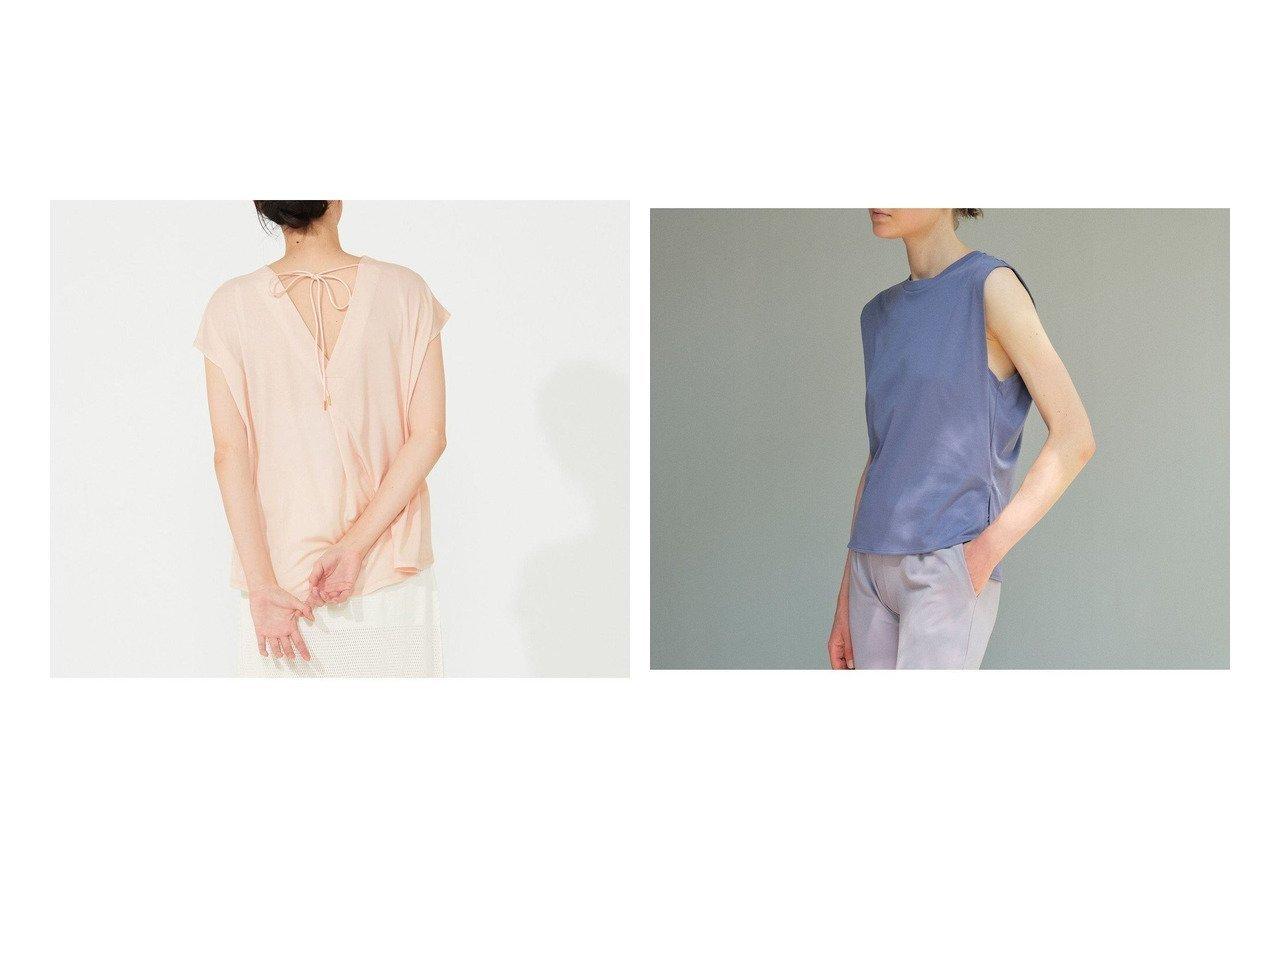 【Chacott/チャコット】のAラインバックシャンTシャツ&フレンチスリーブTシャツ 【スポーツウェア・ヨガ・フィットネス・ダイエット】おすすめ!人気、トレンド・レディースファッションの通販 おすすめで人気の流行・トレンド、ファッションの通販商品 インテリア・家具・メンズファッション・キッズファッション・レディースファッション・服の通販 founy(ファニー) https://founy.com/ ファッション Fashion レディースファッション WOMEN トップス・カットソー Tops/Tshirt シャツ/ブラウス Shirts/Blouses ロング / Tシャツ T-Shirts インド シルク ストレッチ スリット スリーブ なめらか フレンチ ボトム おすすめ Recommend  ID:crp329100000071756